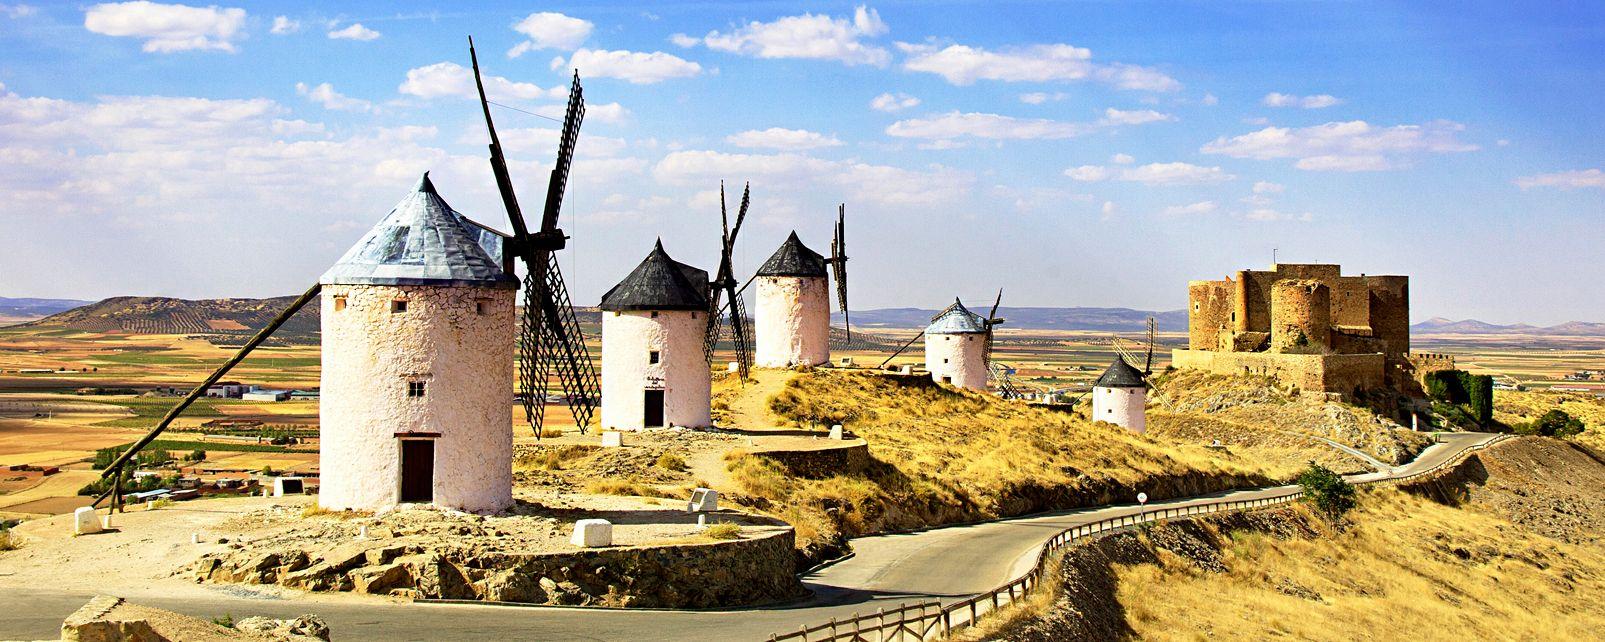 La route de Don Quichotte , Espagne